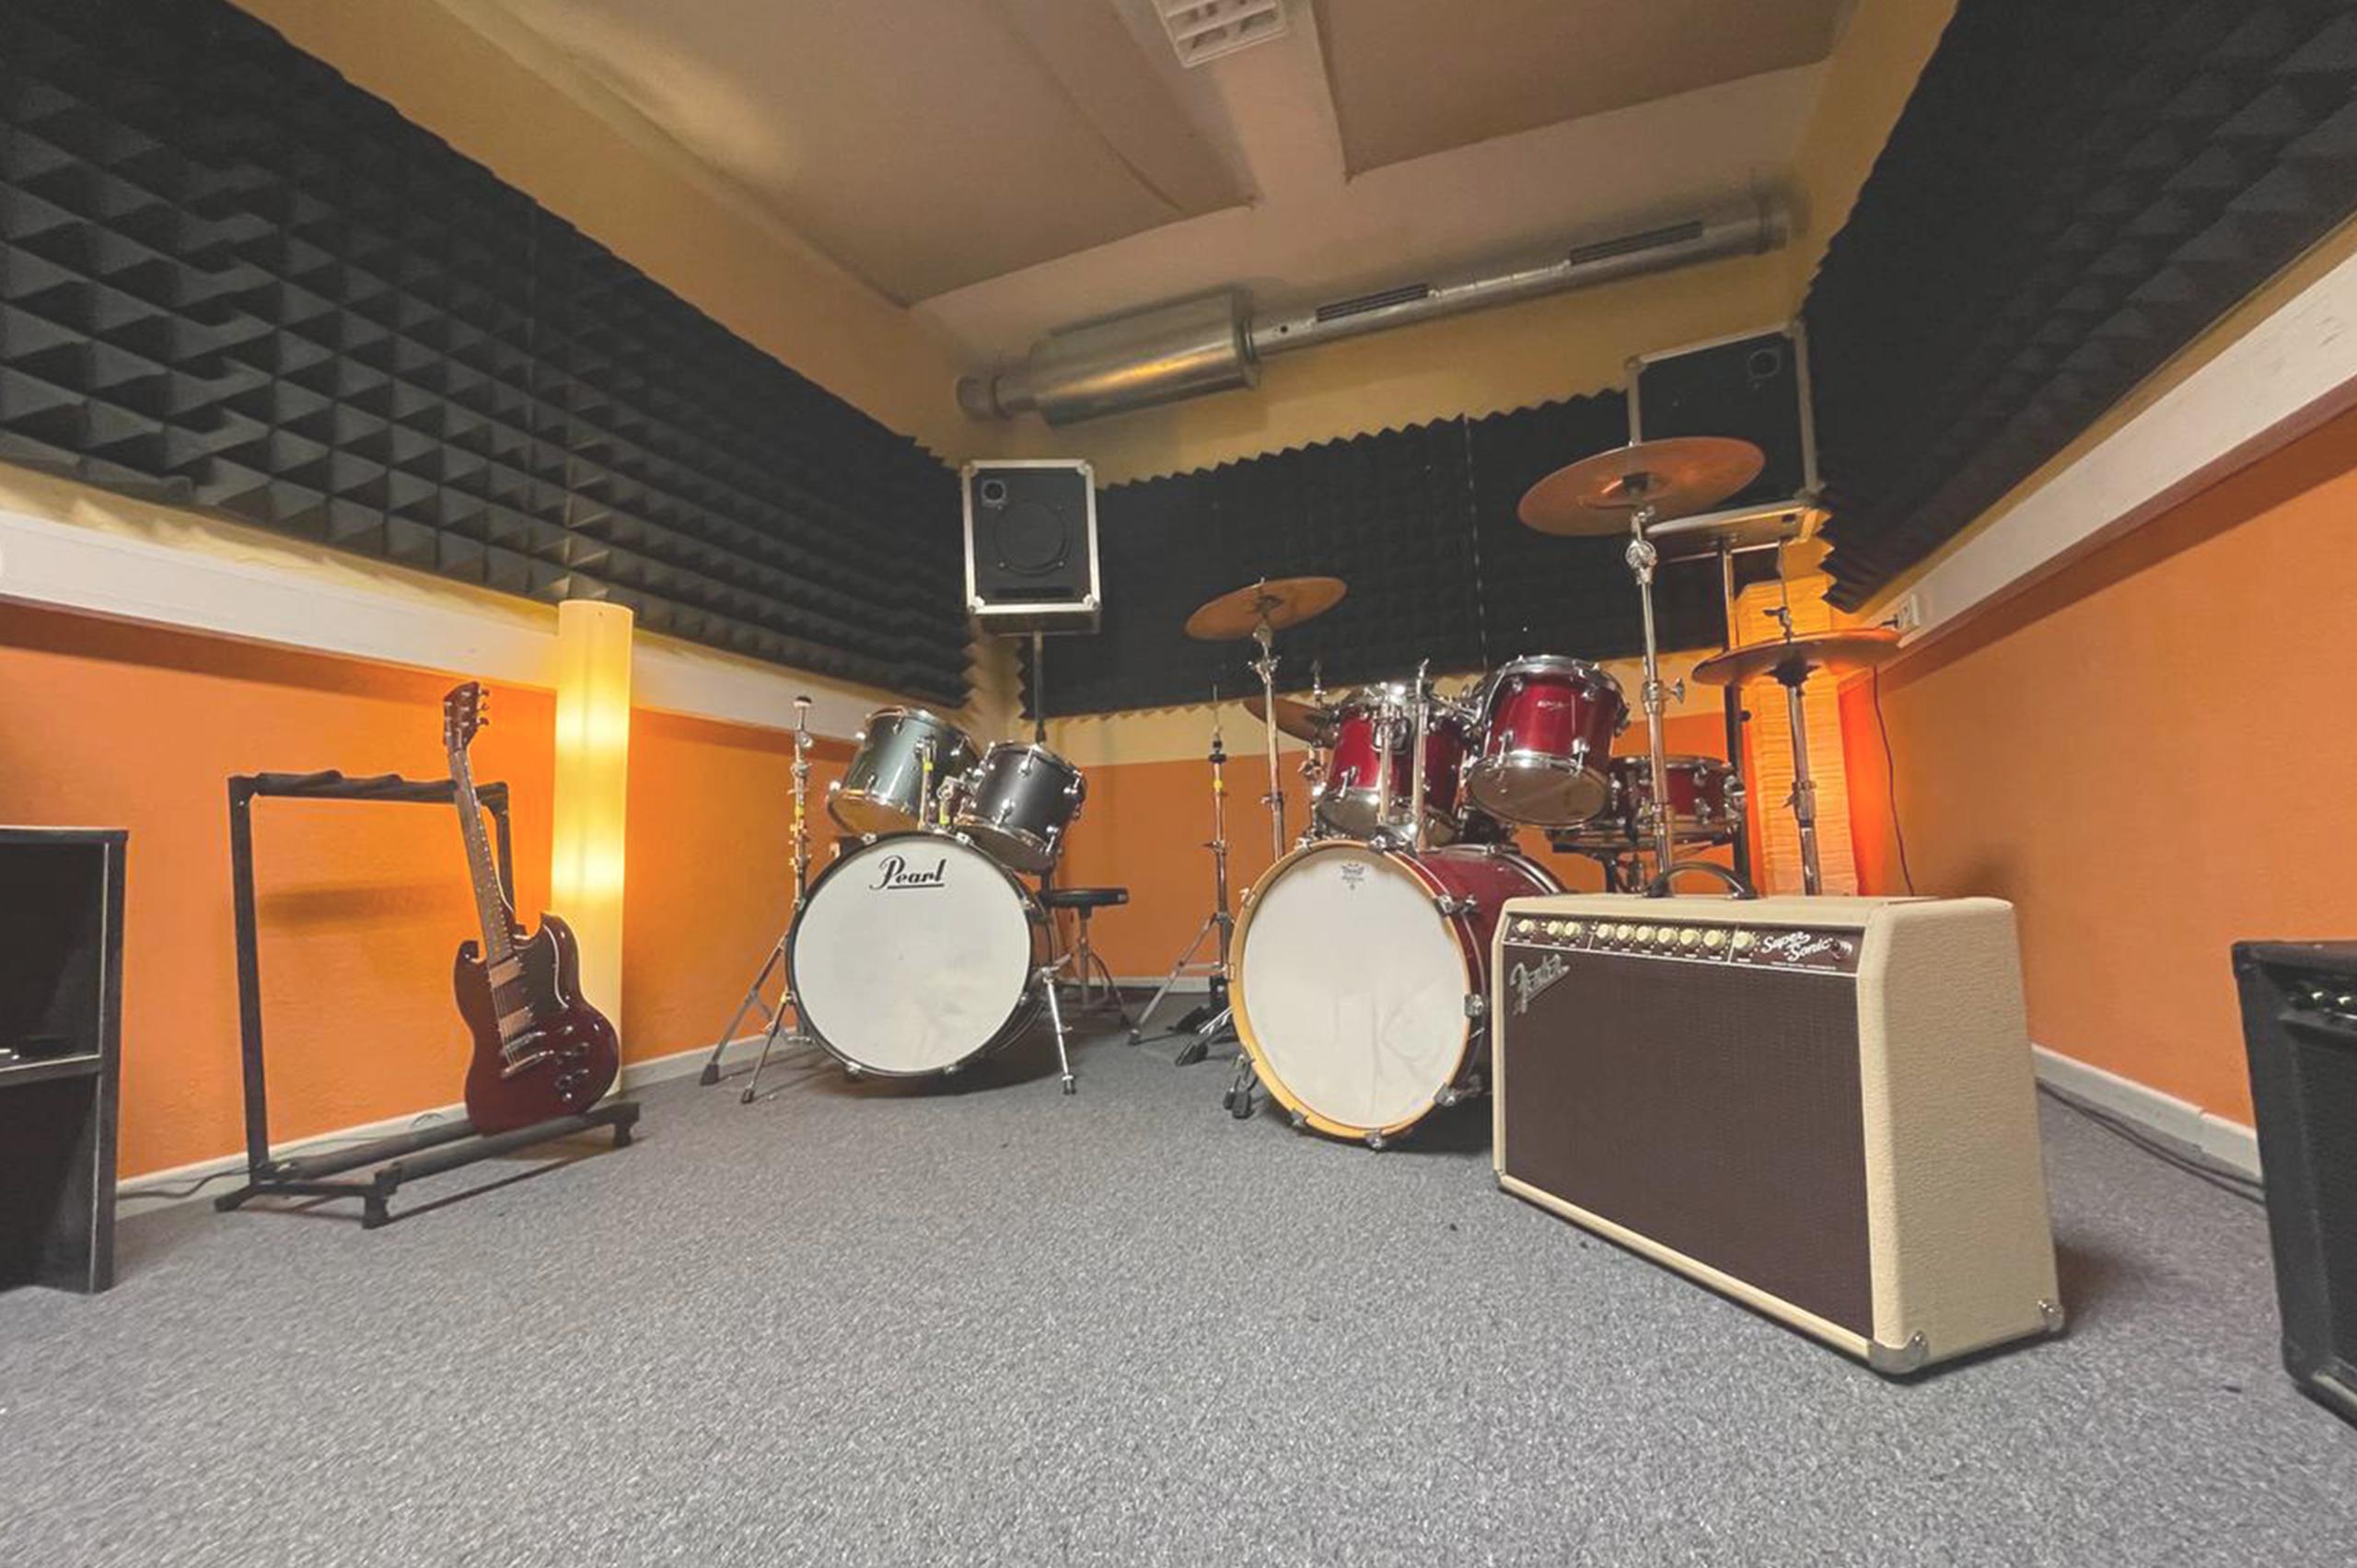 Foto eines Proberaumes mit zwei Schlagzeugen, einem Verstärker im Vordergrund und einer E-Gitarre im Hintergrund.